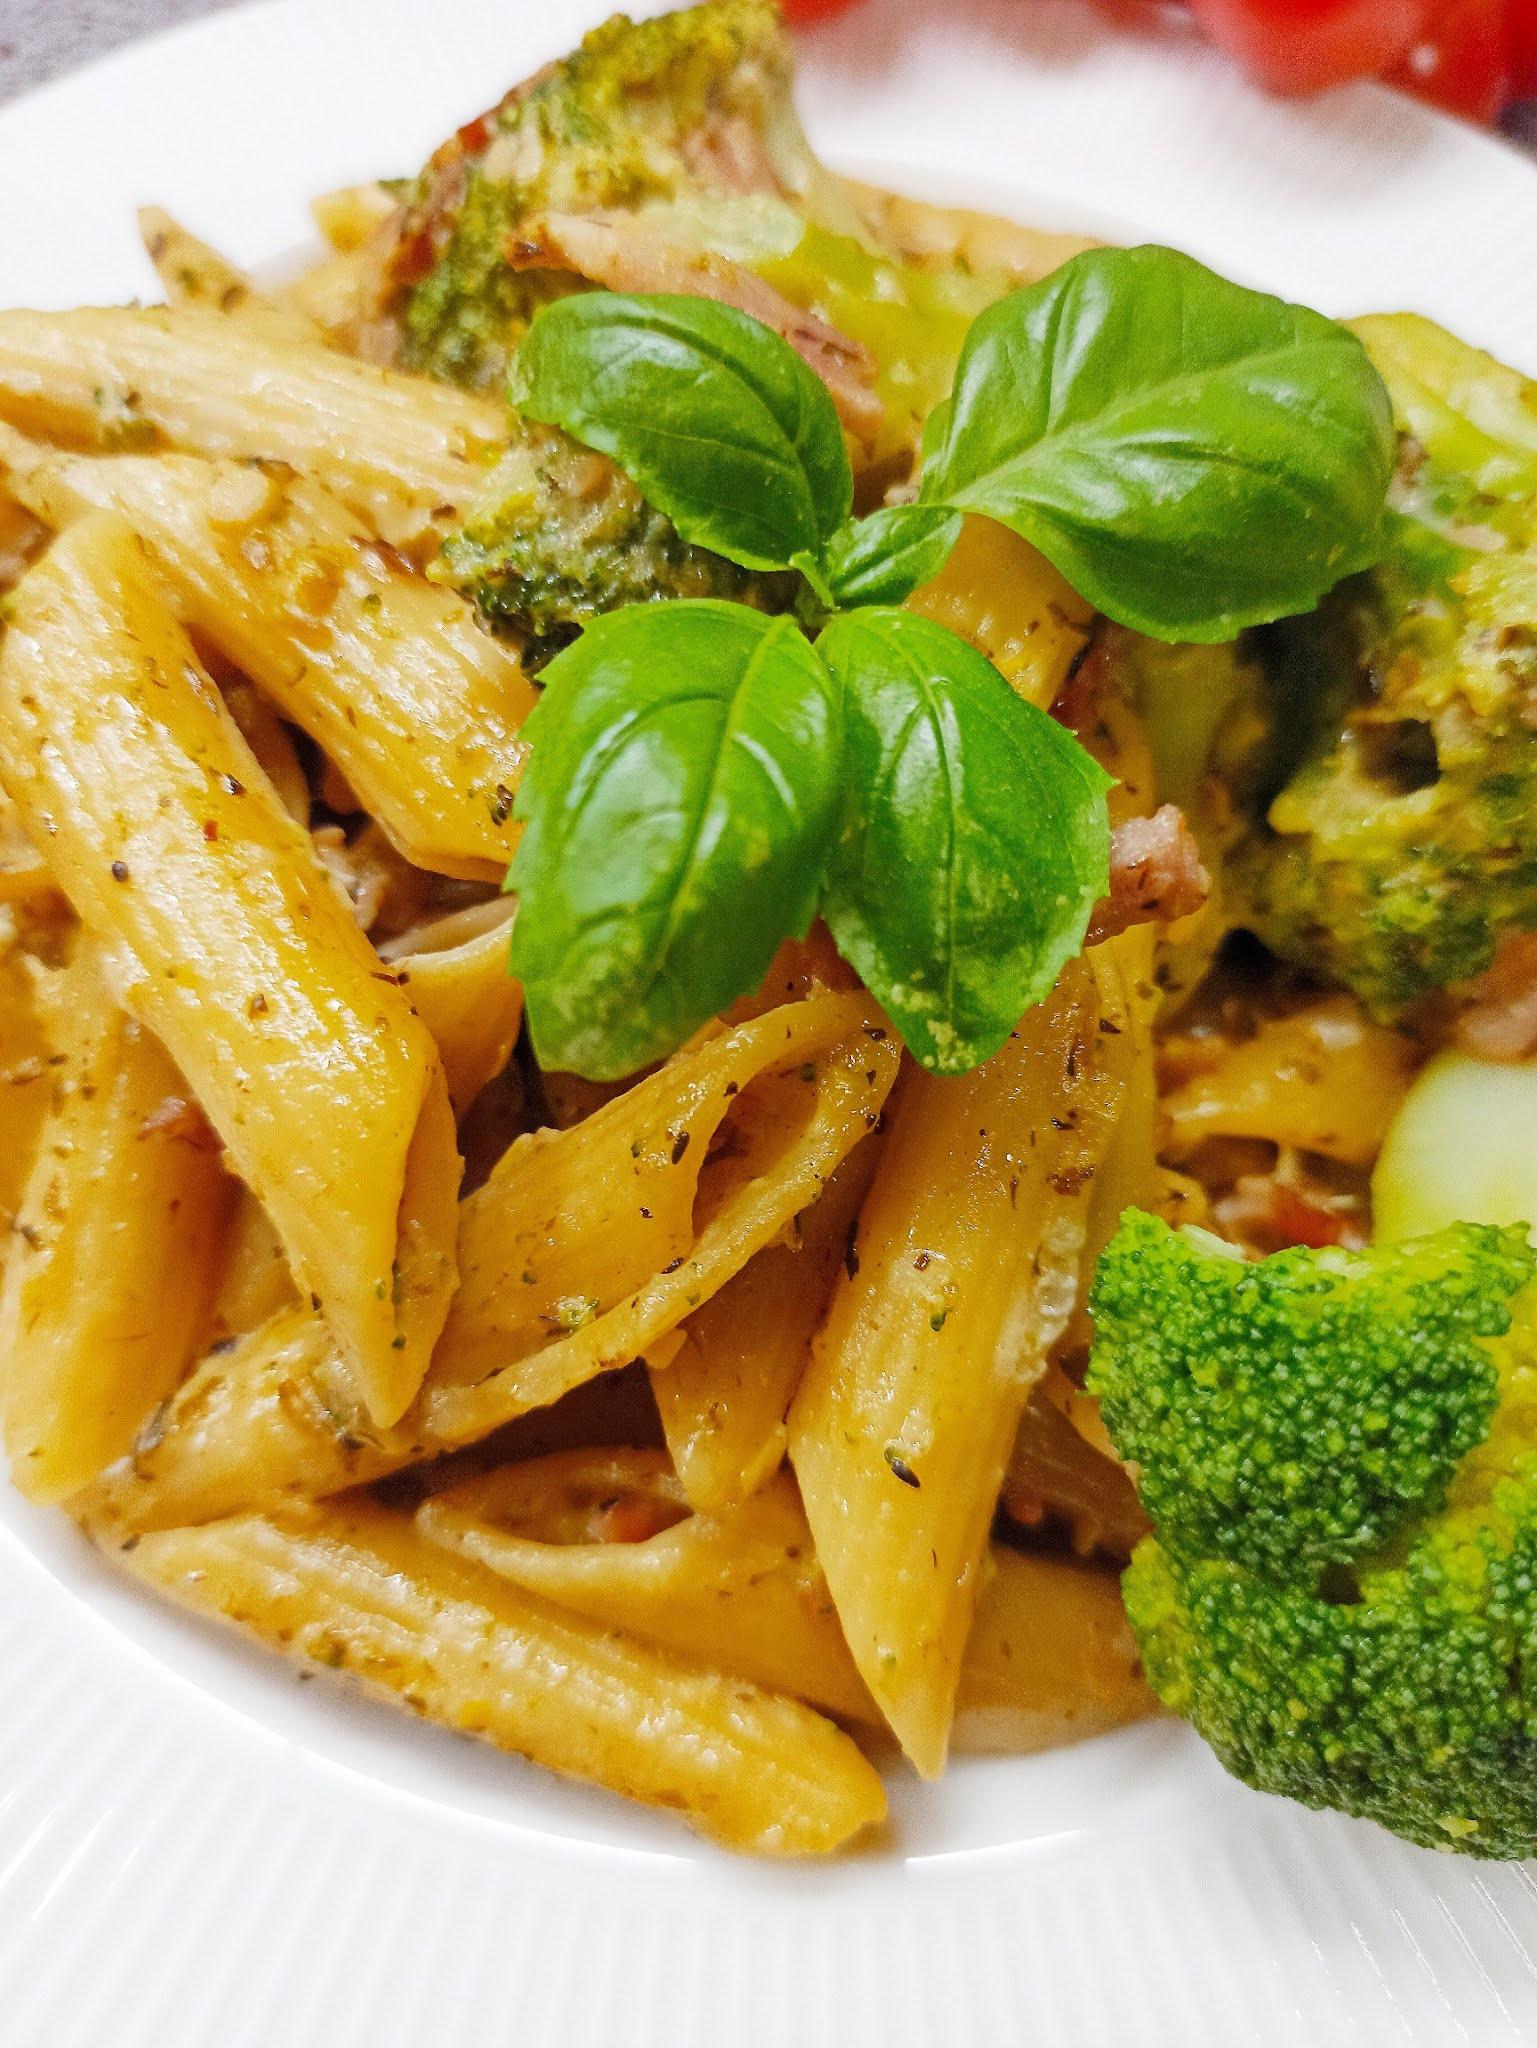 Makaron z brokułami i szynką w sosie serowym